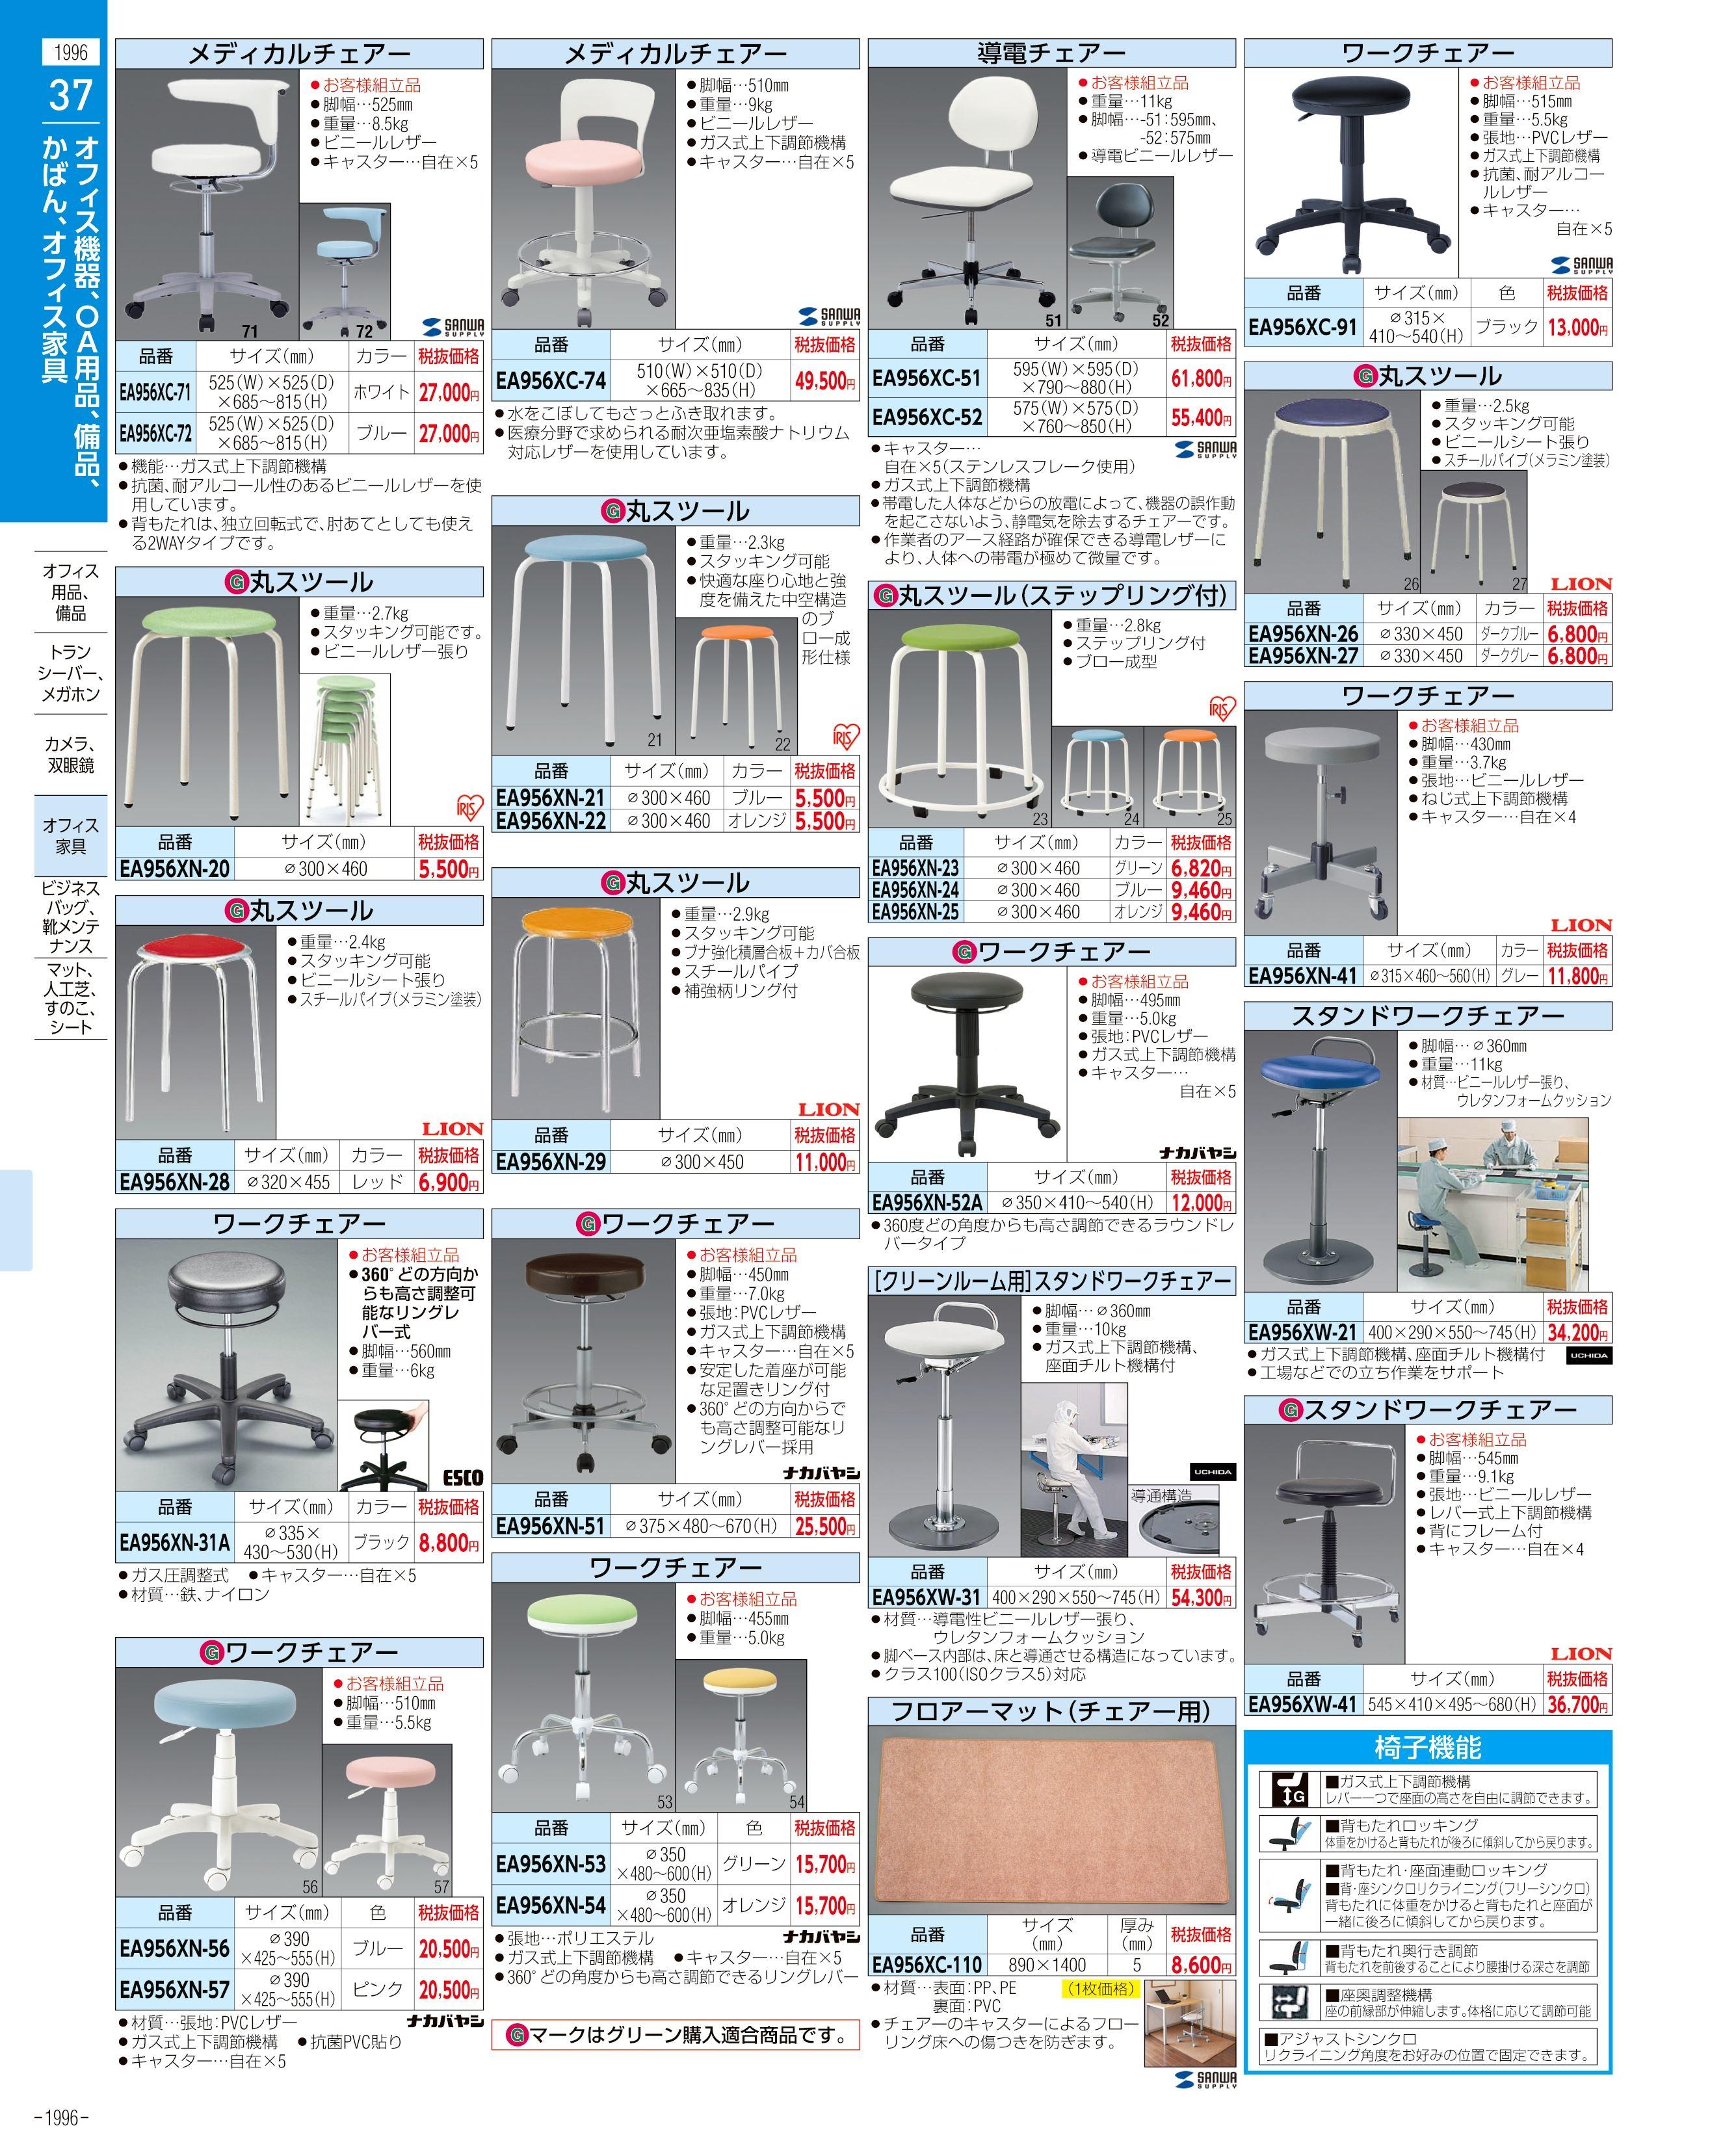 エスコ便利カタログ1996ページ